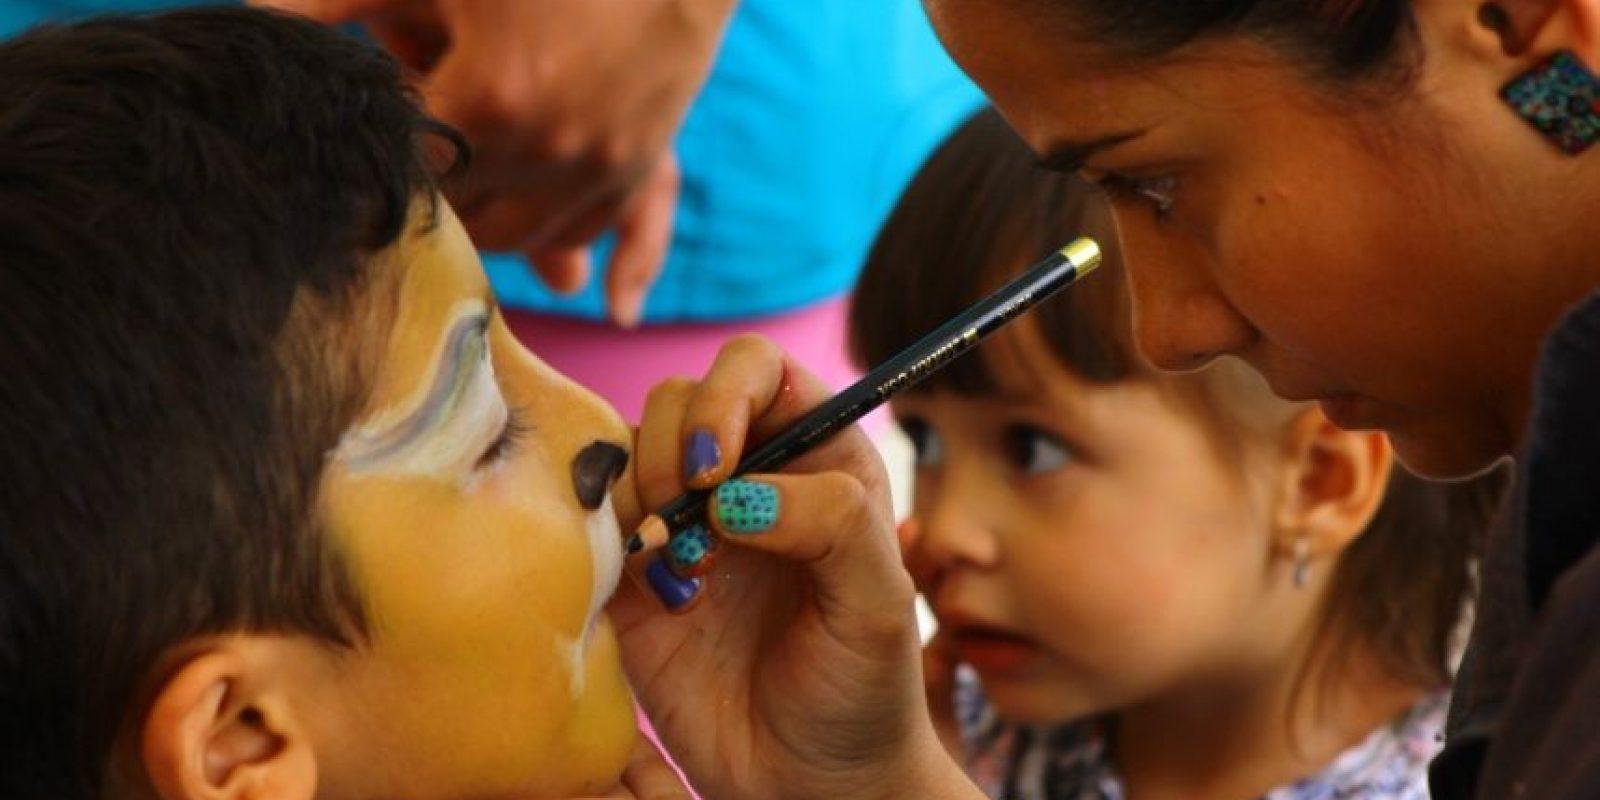 Celebración del día de los niños en el Zoológico Santa Fe. Foto:Cortesía: Zoológico Santa Fe.